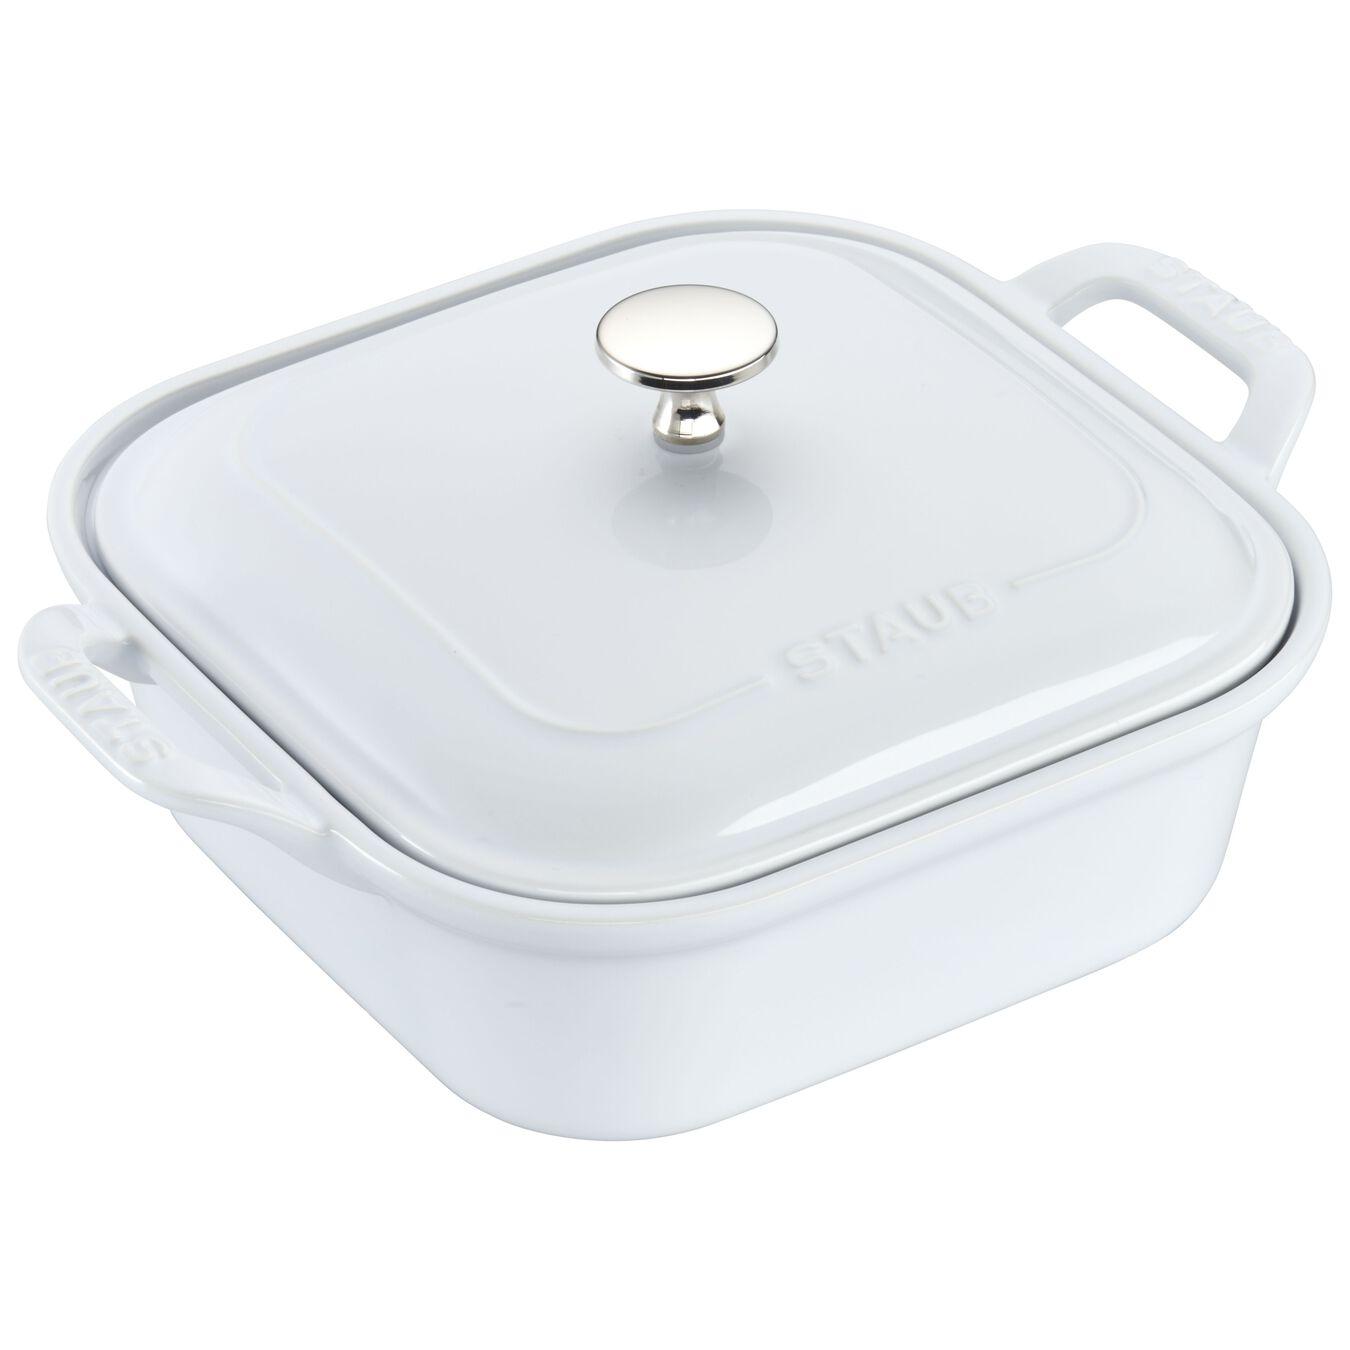 4-pc Baking Dish Set - White,,large 5